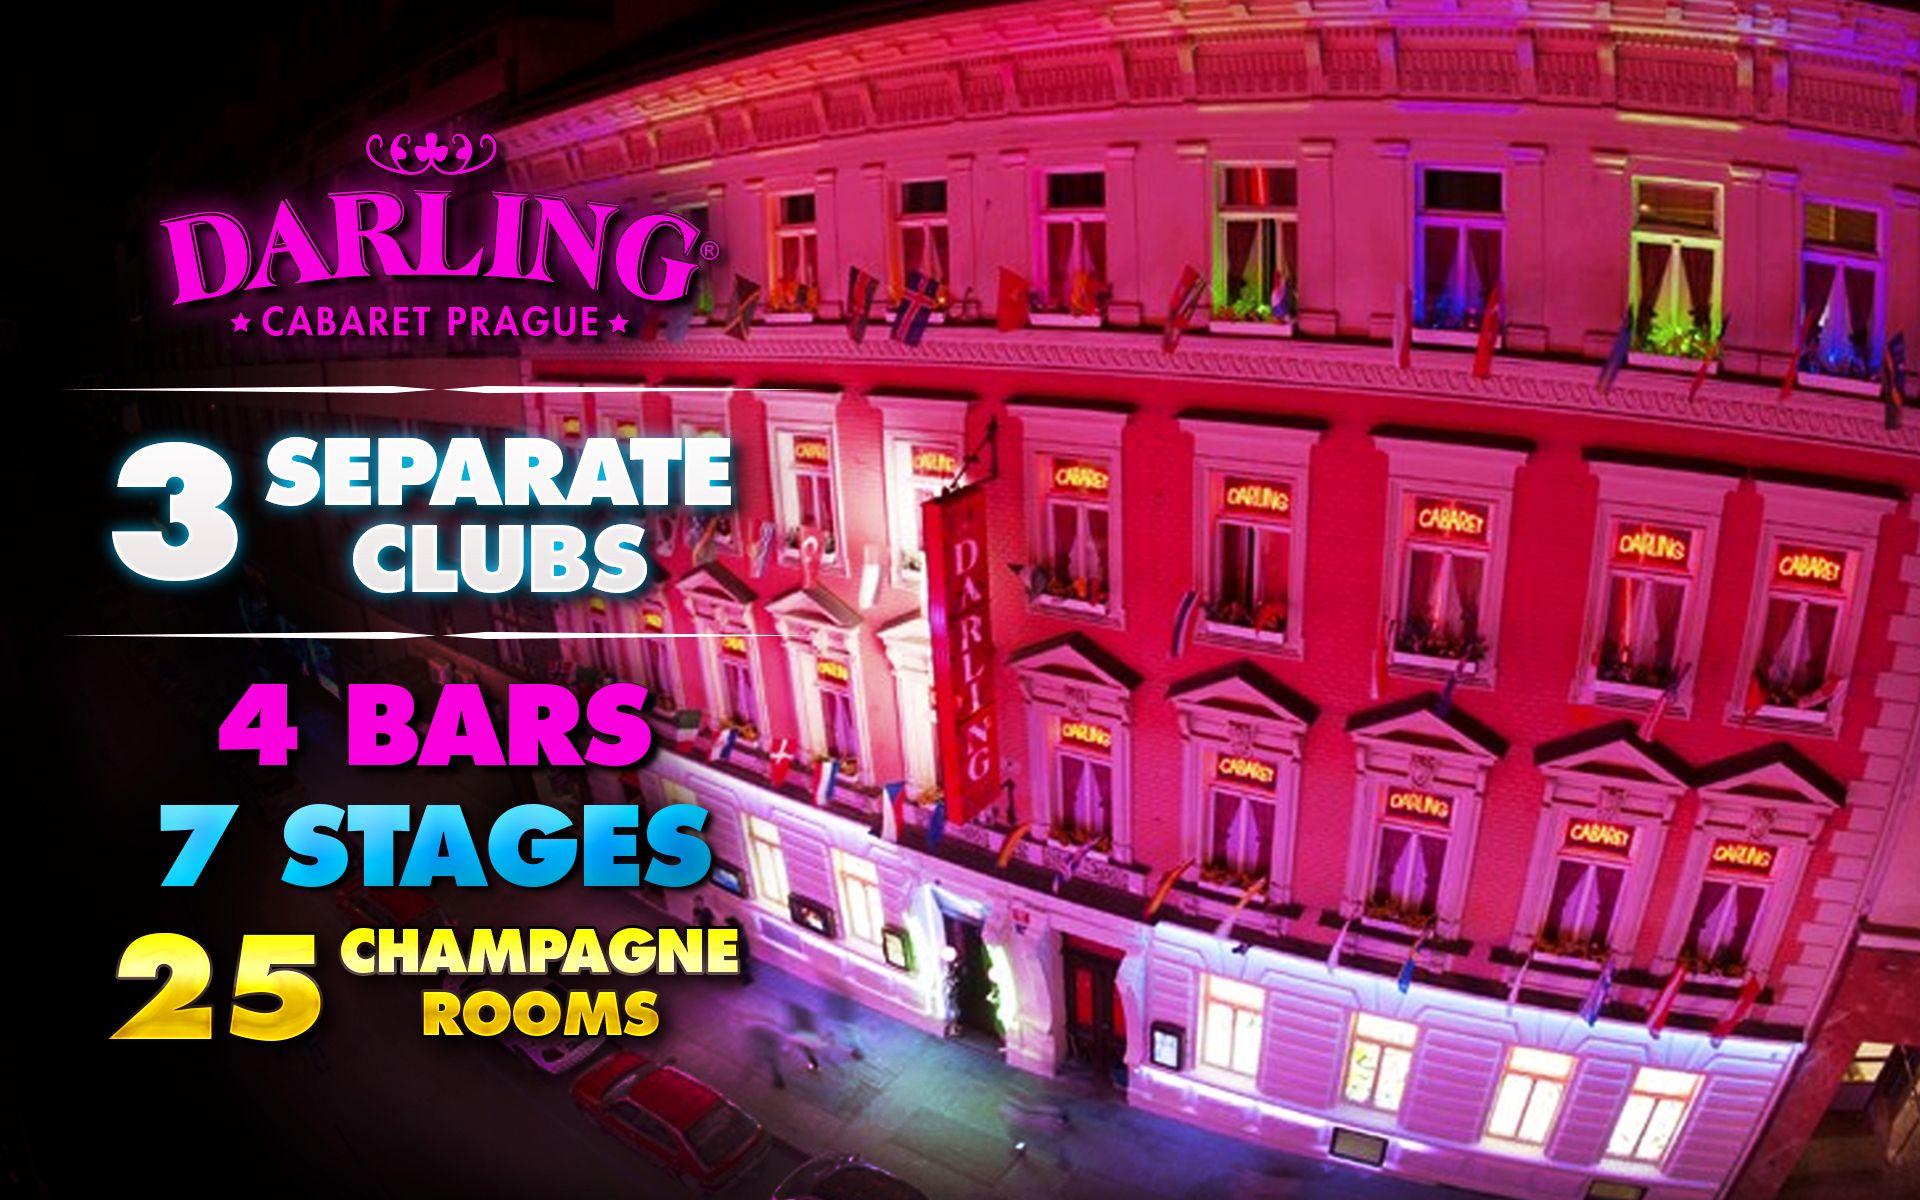 Cabaret prag darling Darling Cabaret